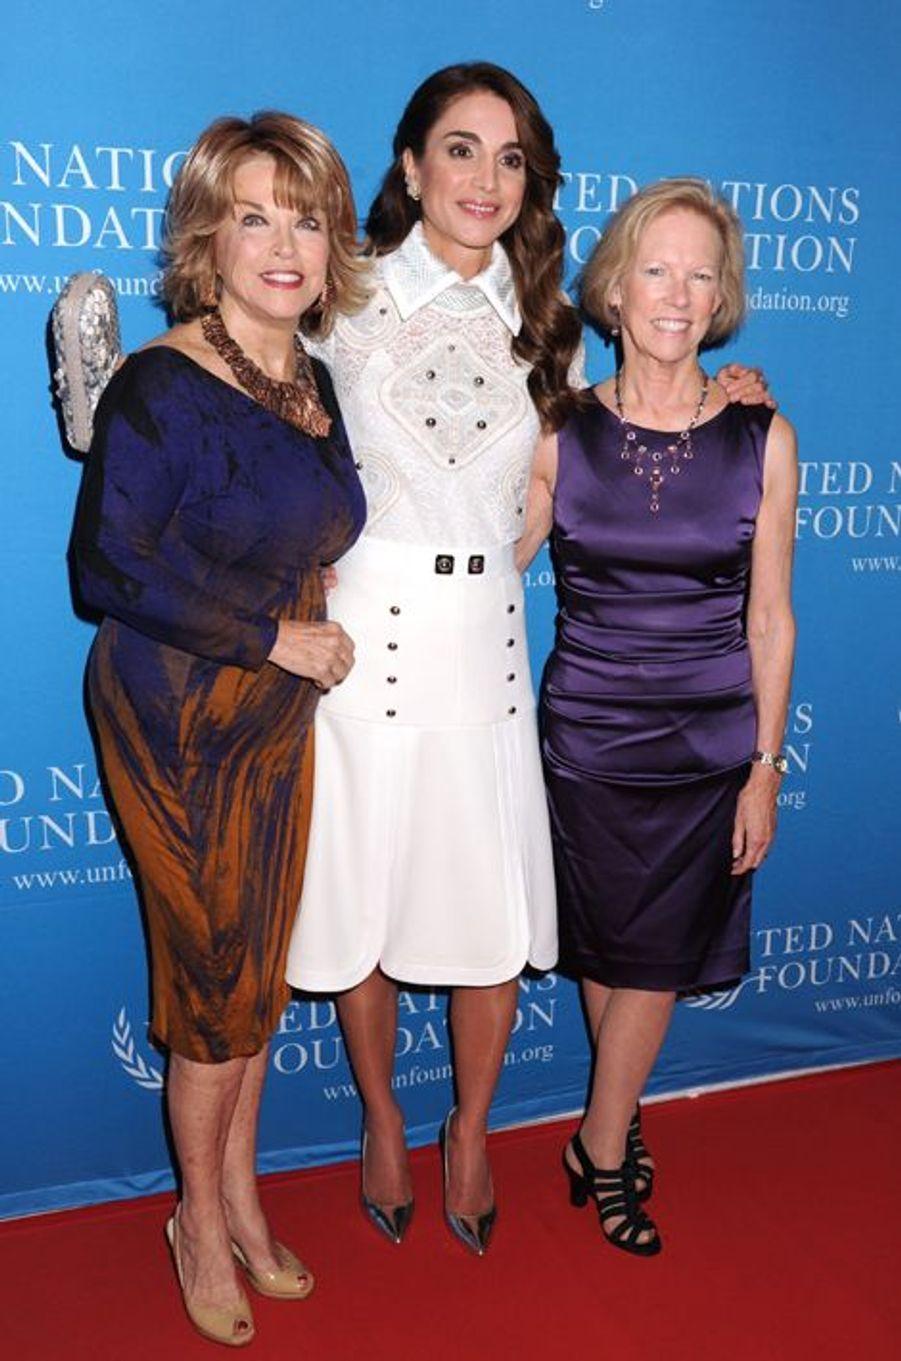 Pat Mitchell (G), Rania (C) et Kathy Calvin, la présidente de la Fondation des Nations Unies.